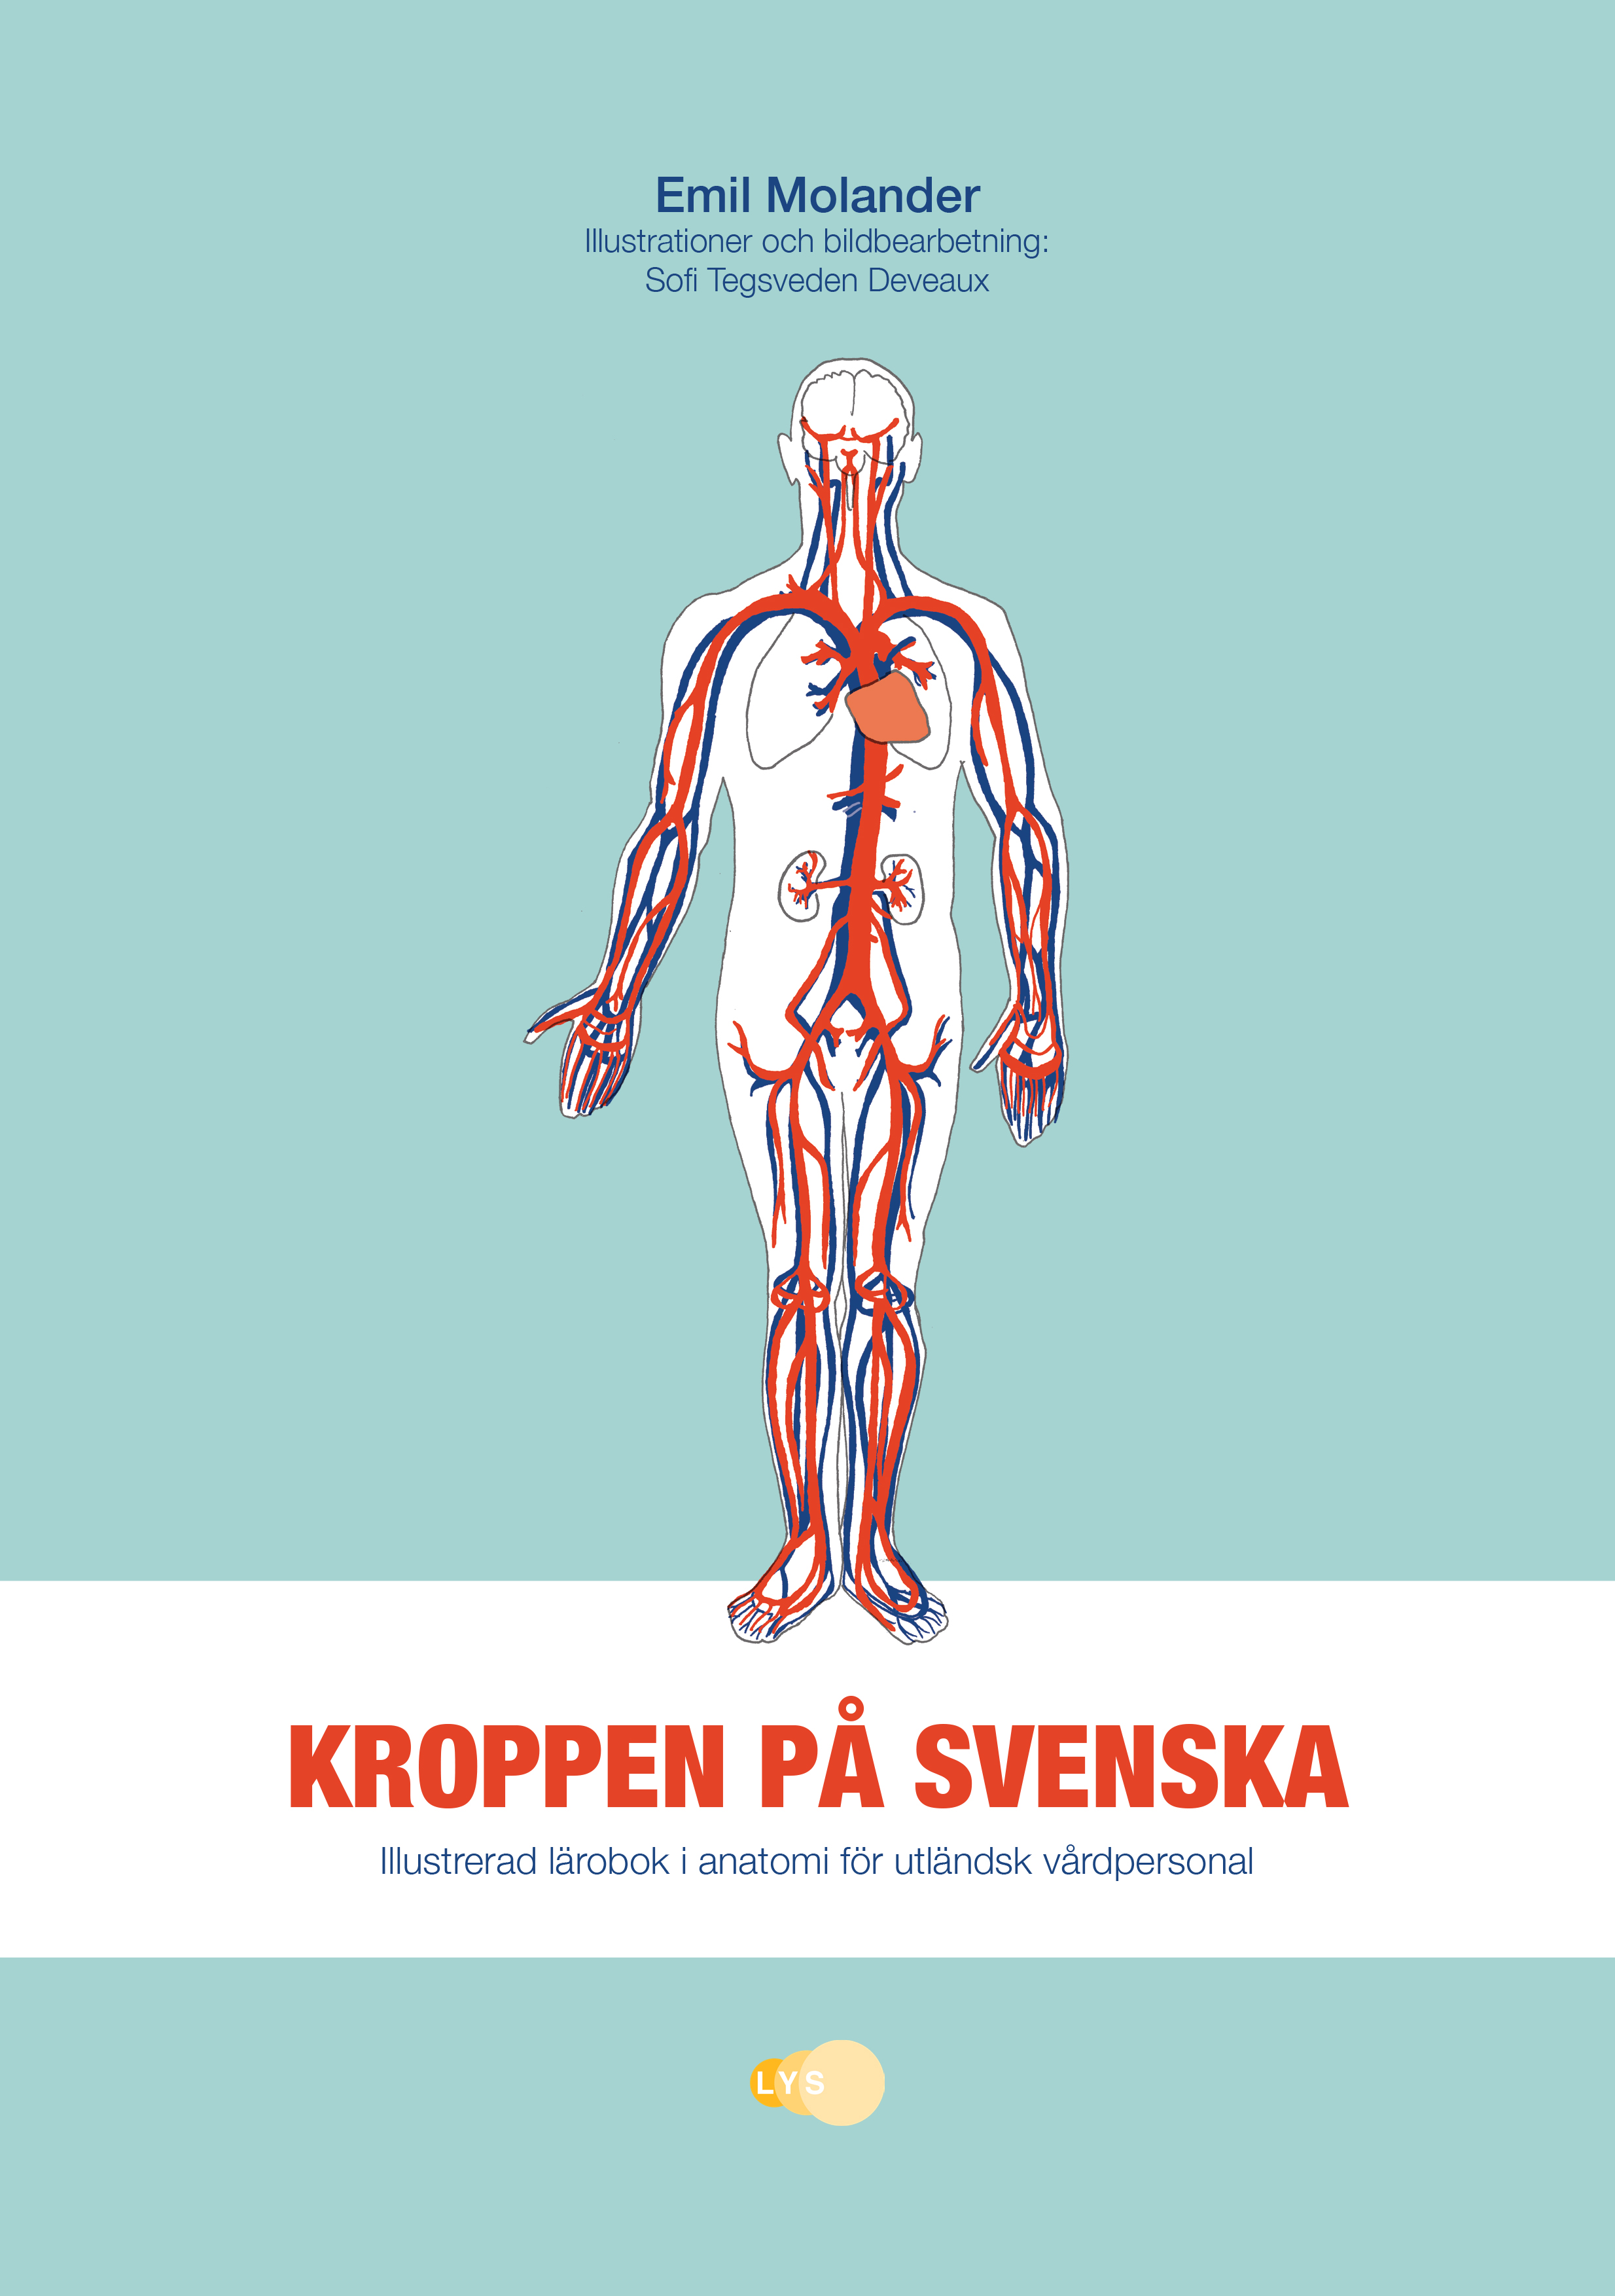 Kroppen på svenska